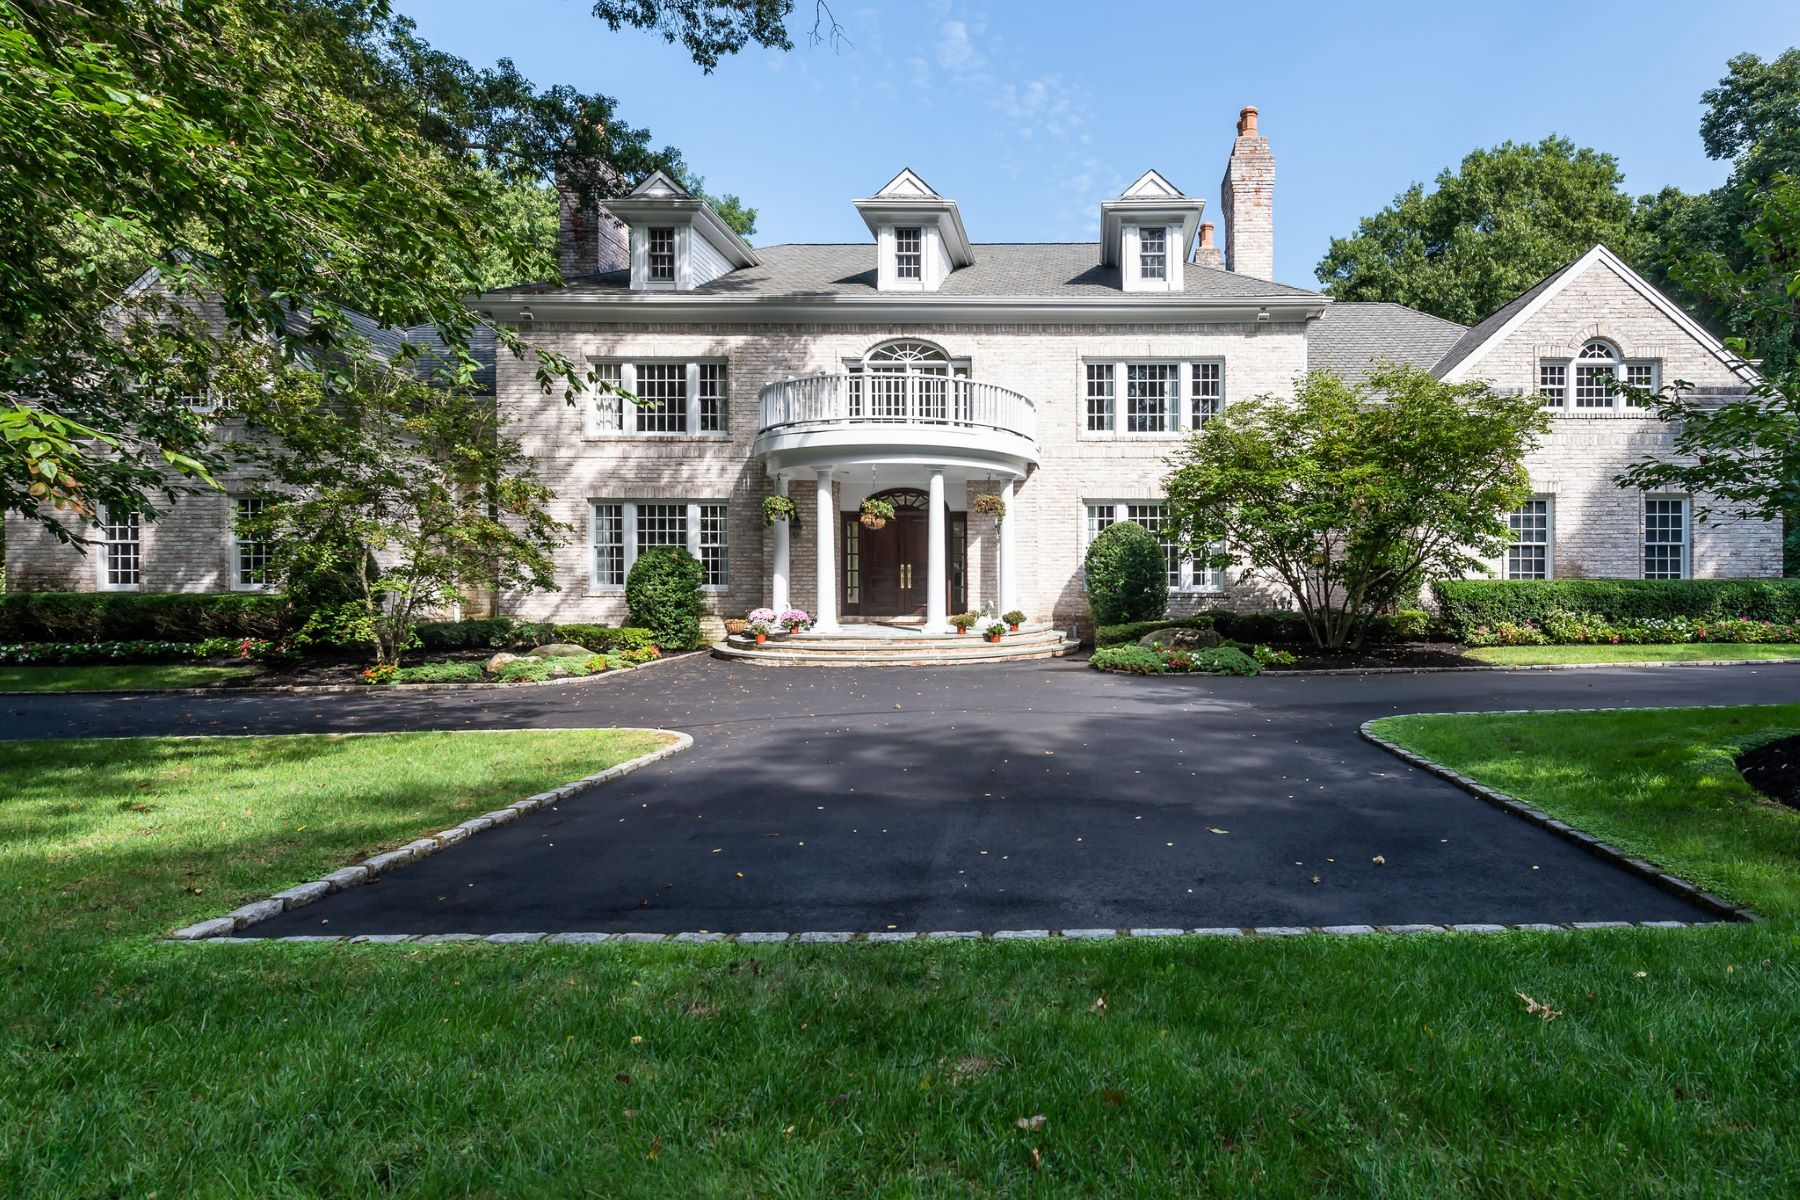 Single Family Homes for Sale at Lattingtown 23 N Danton Lane Lattingtown, New York 11560 United States